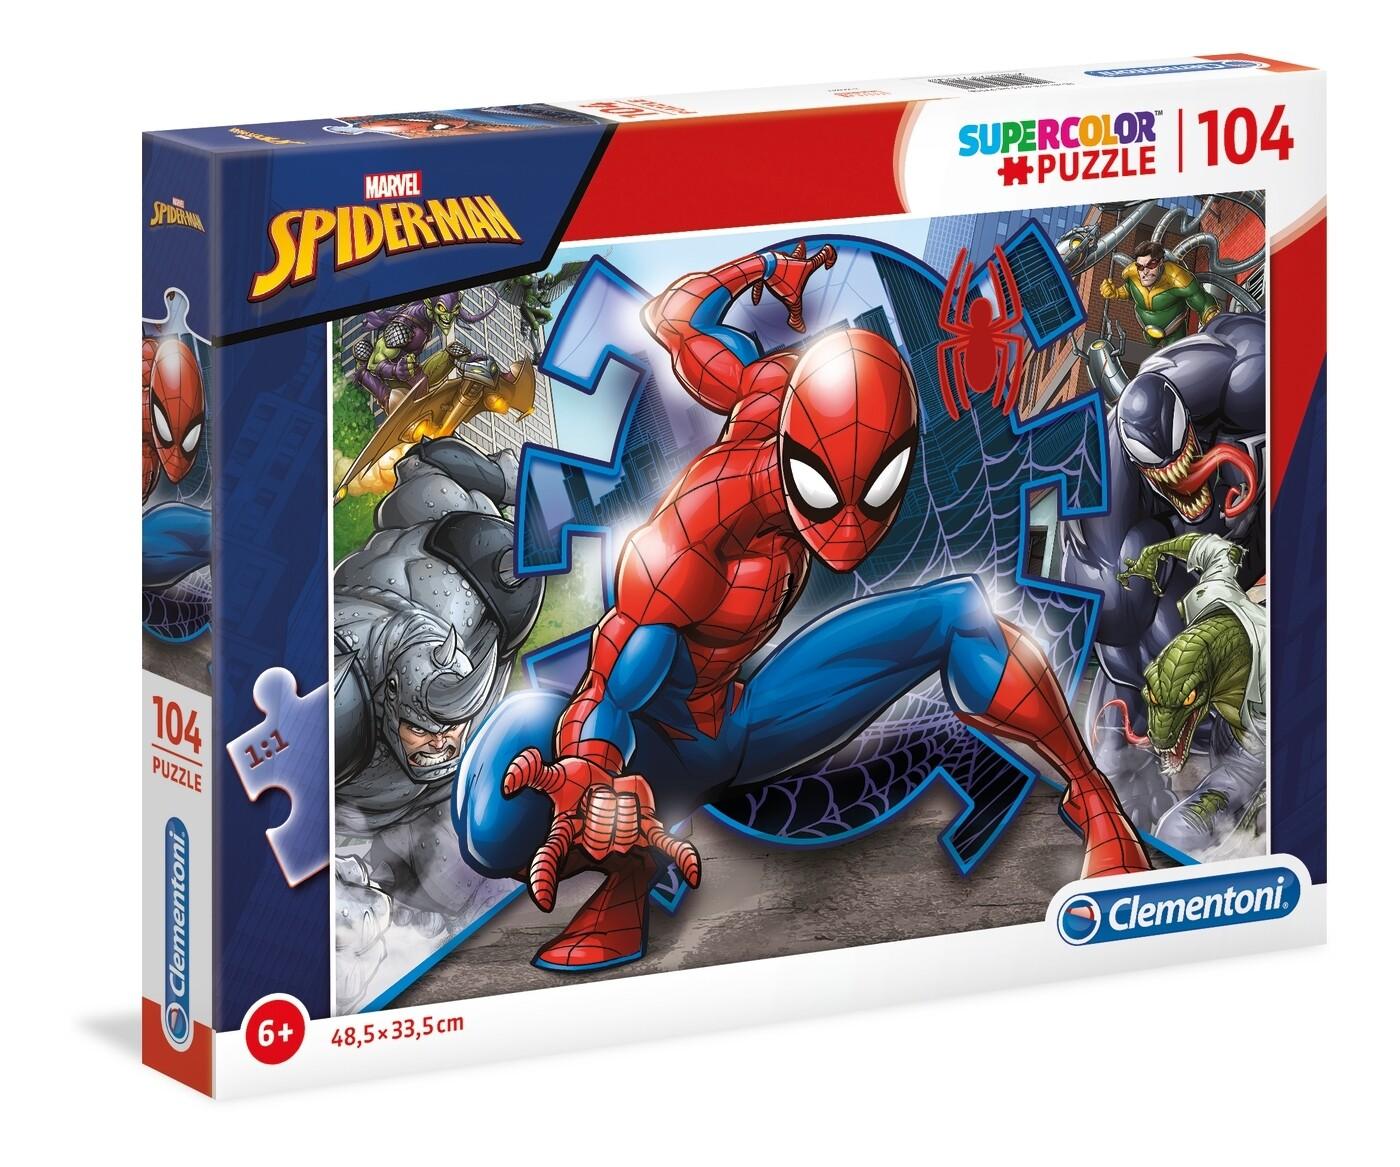 PUZZLE Super 104 pcs Spiderman - CLEMENTONI